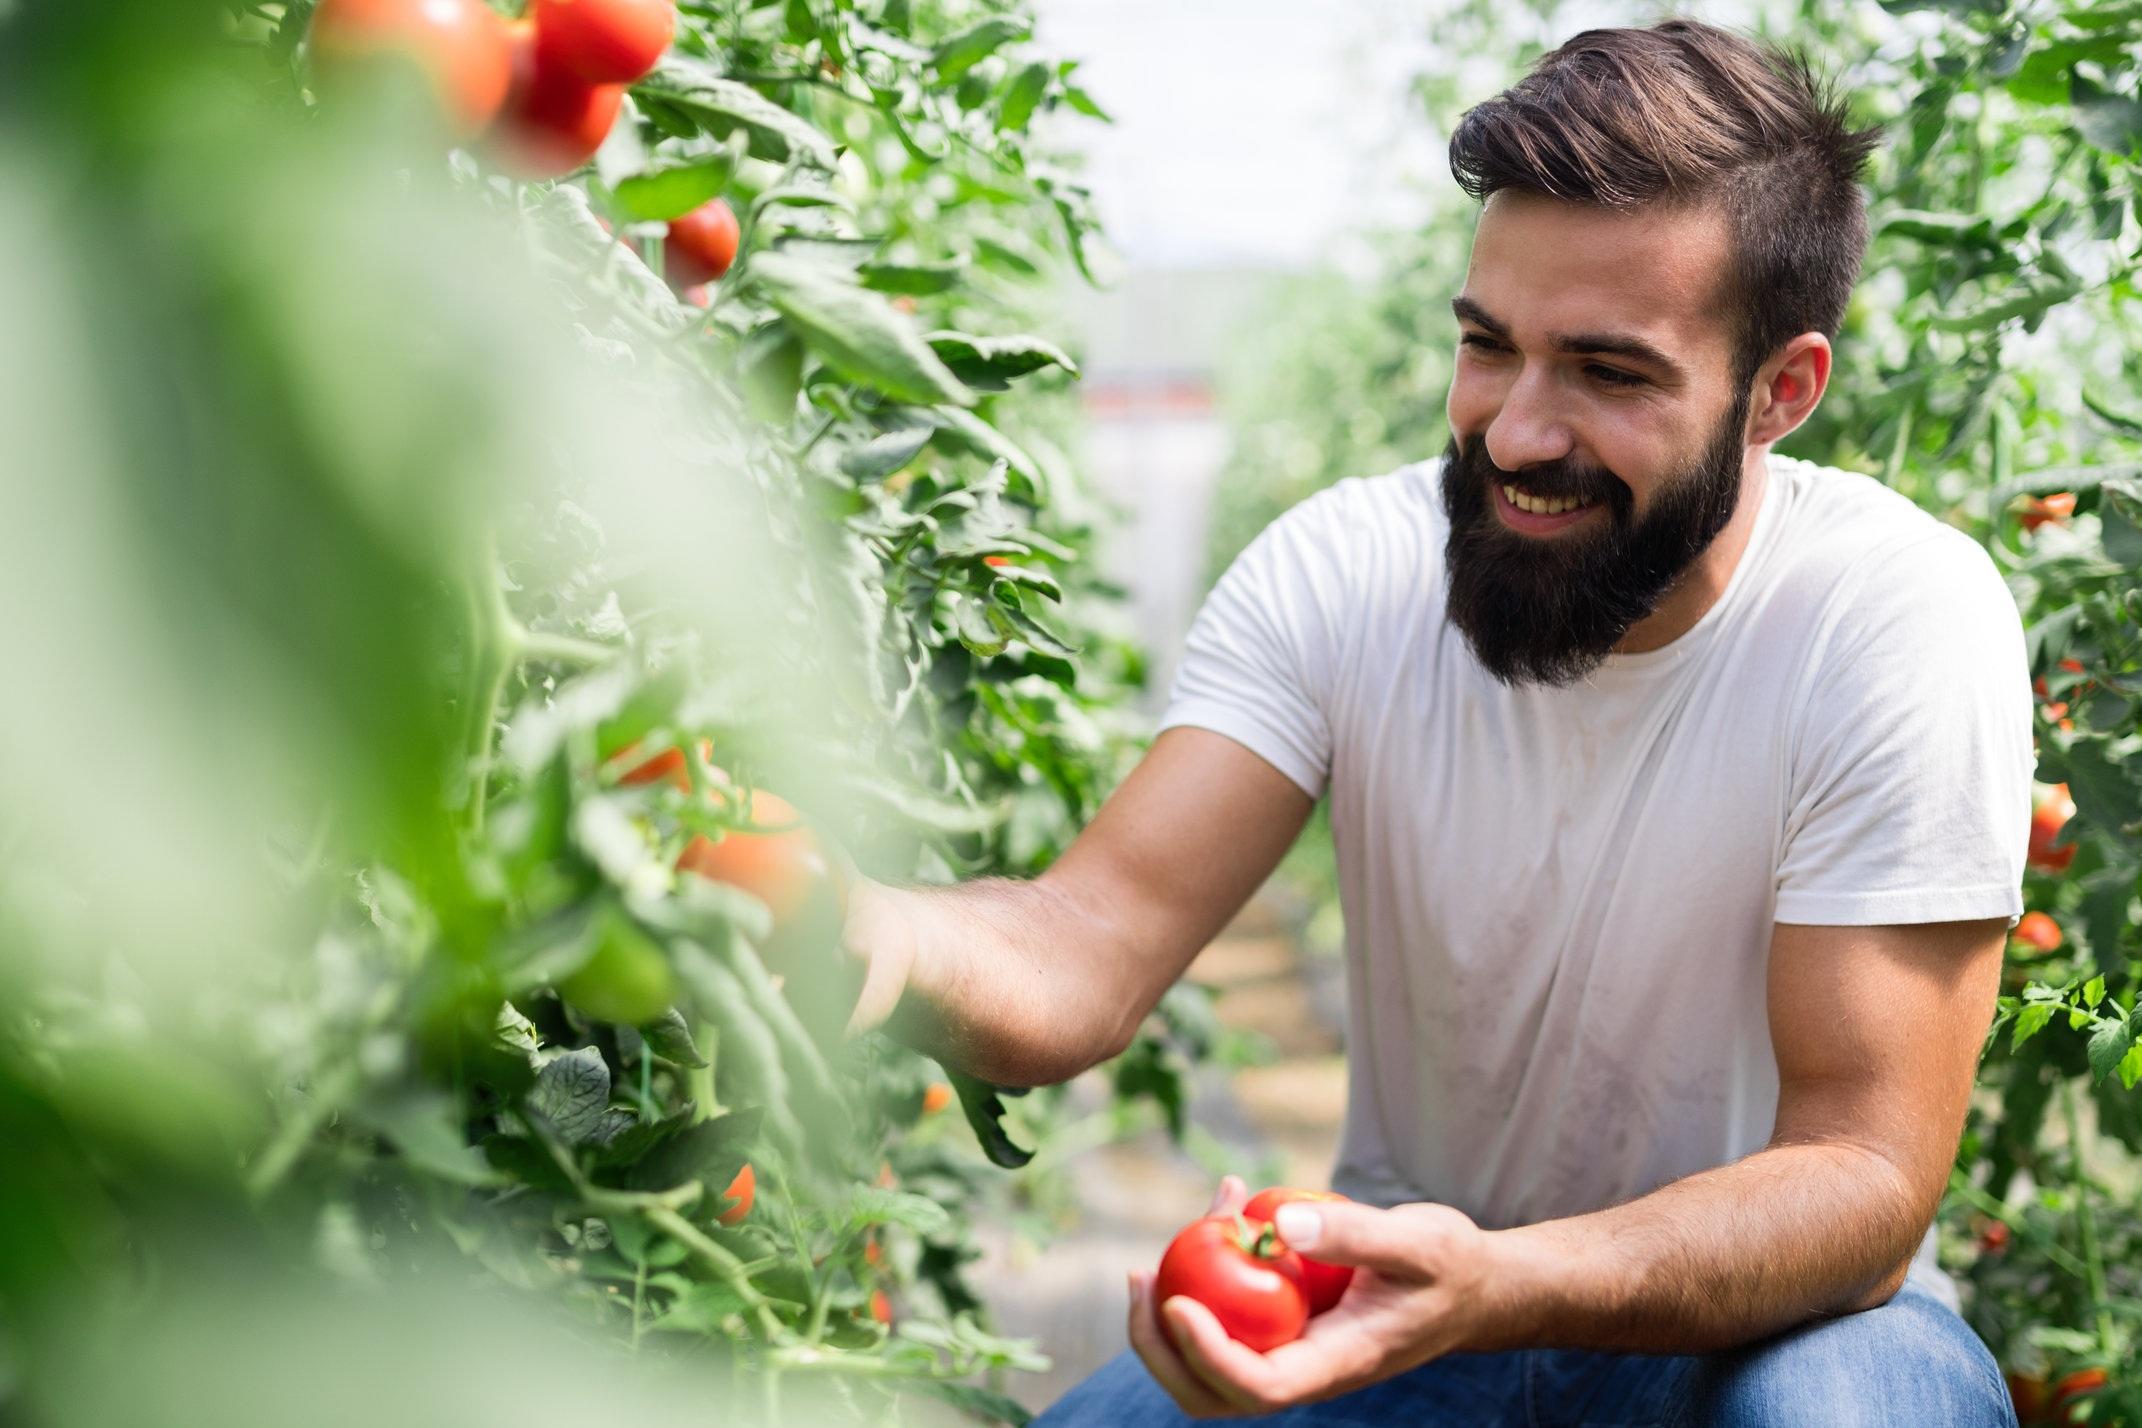 8.+Man+picking+tomatoes.jpg